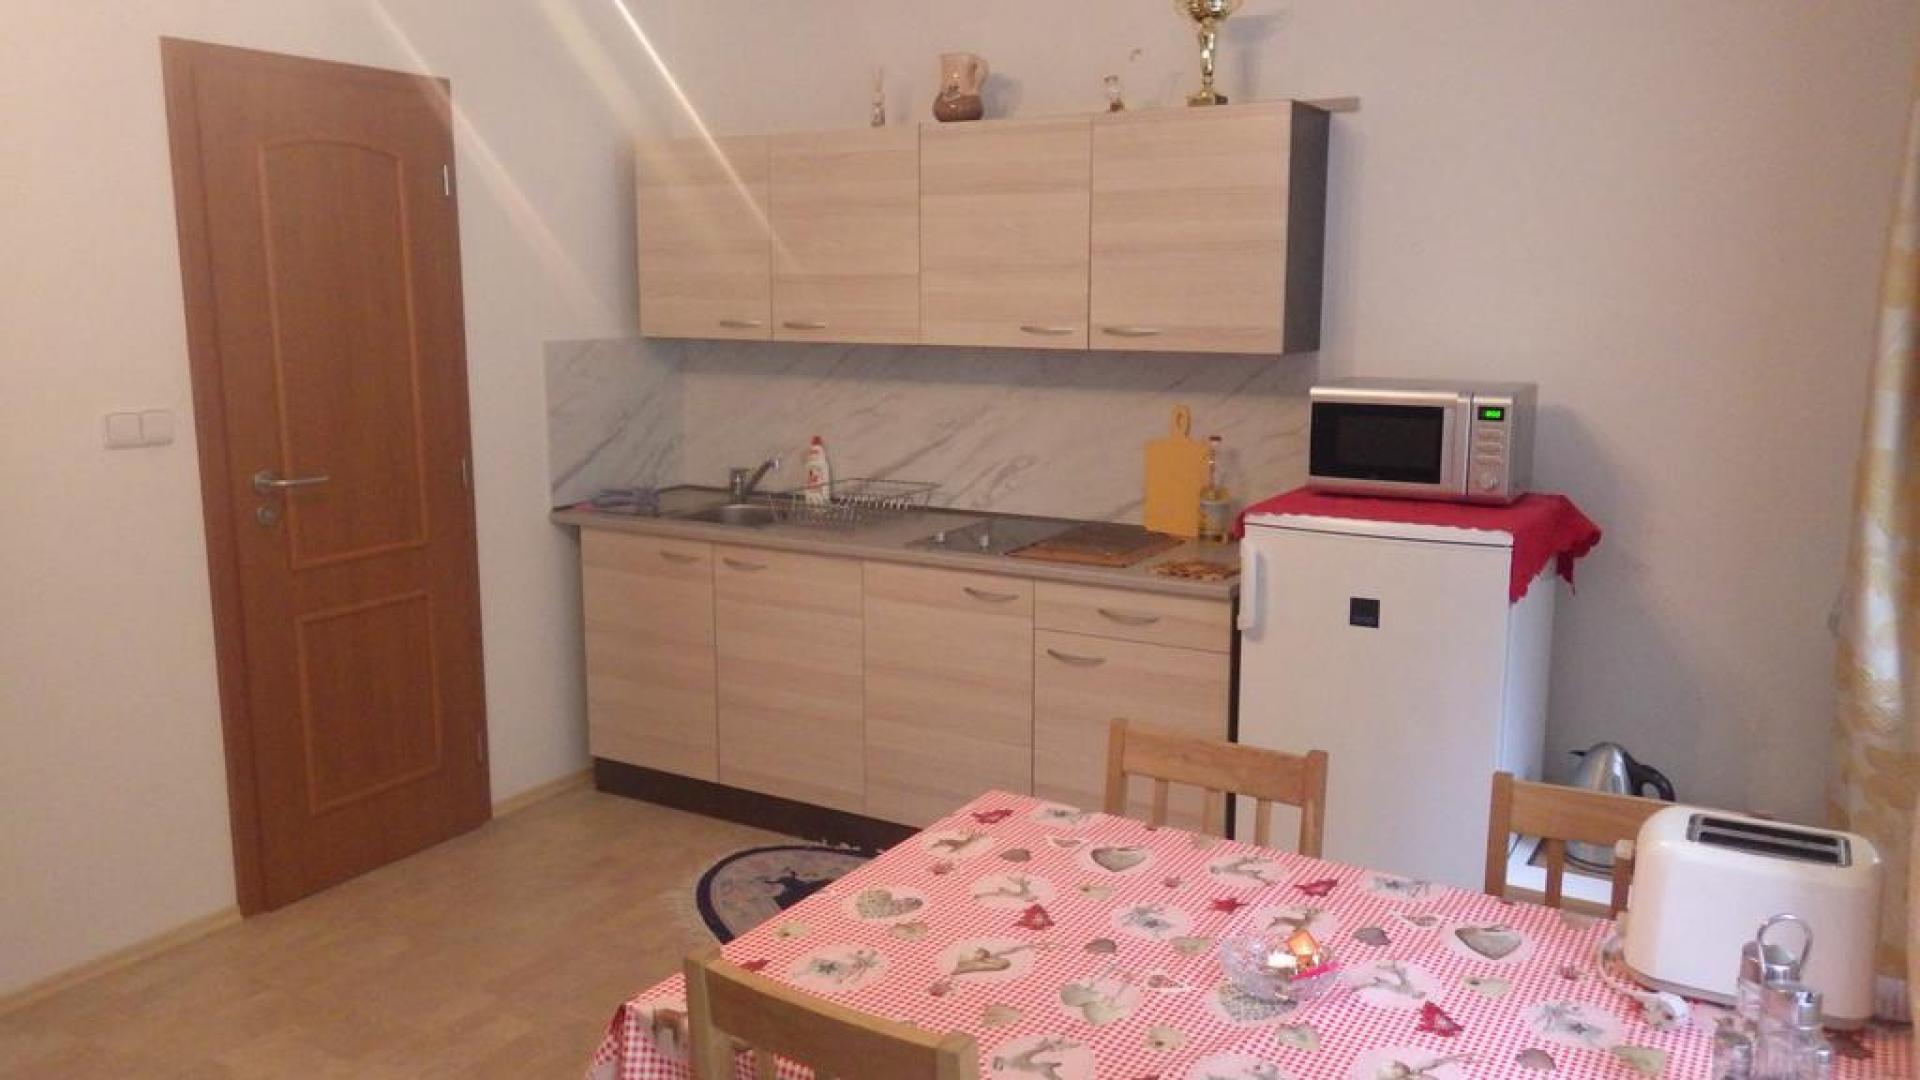 Апартаменты в Карловых Варах - София 2